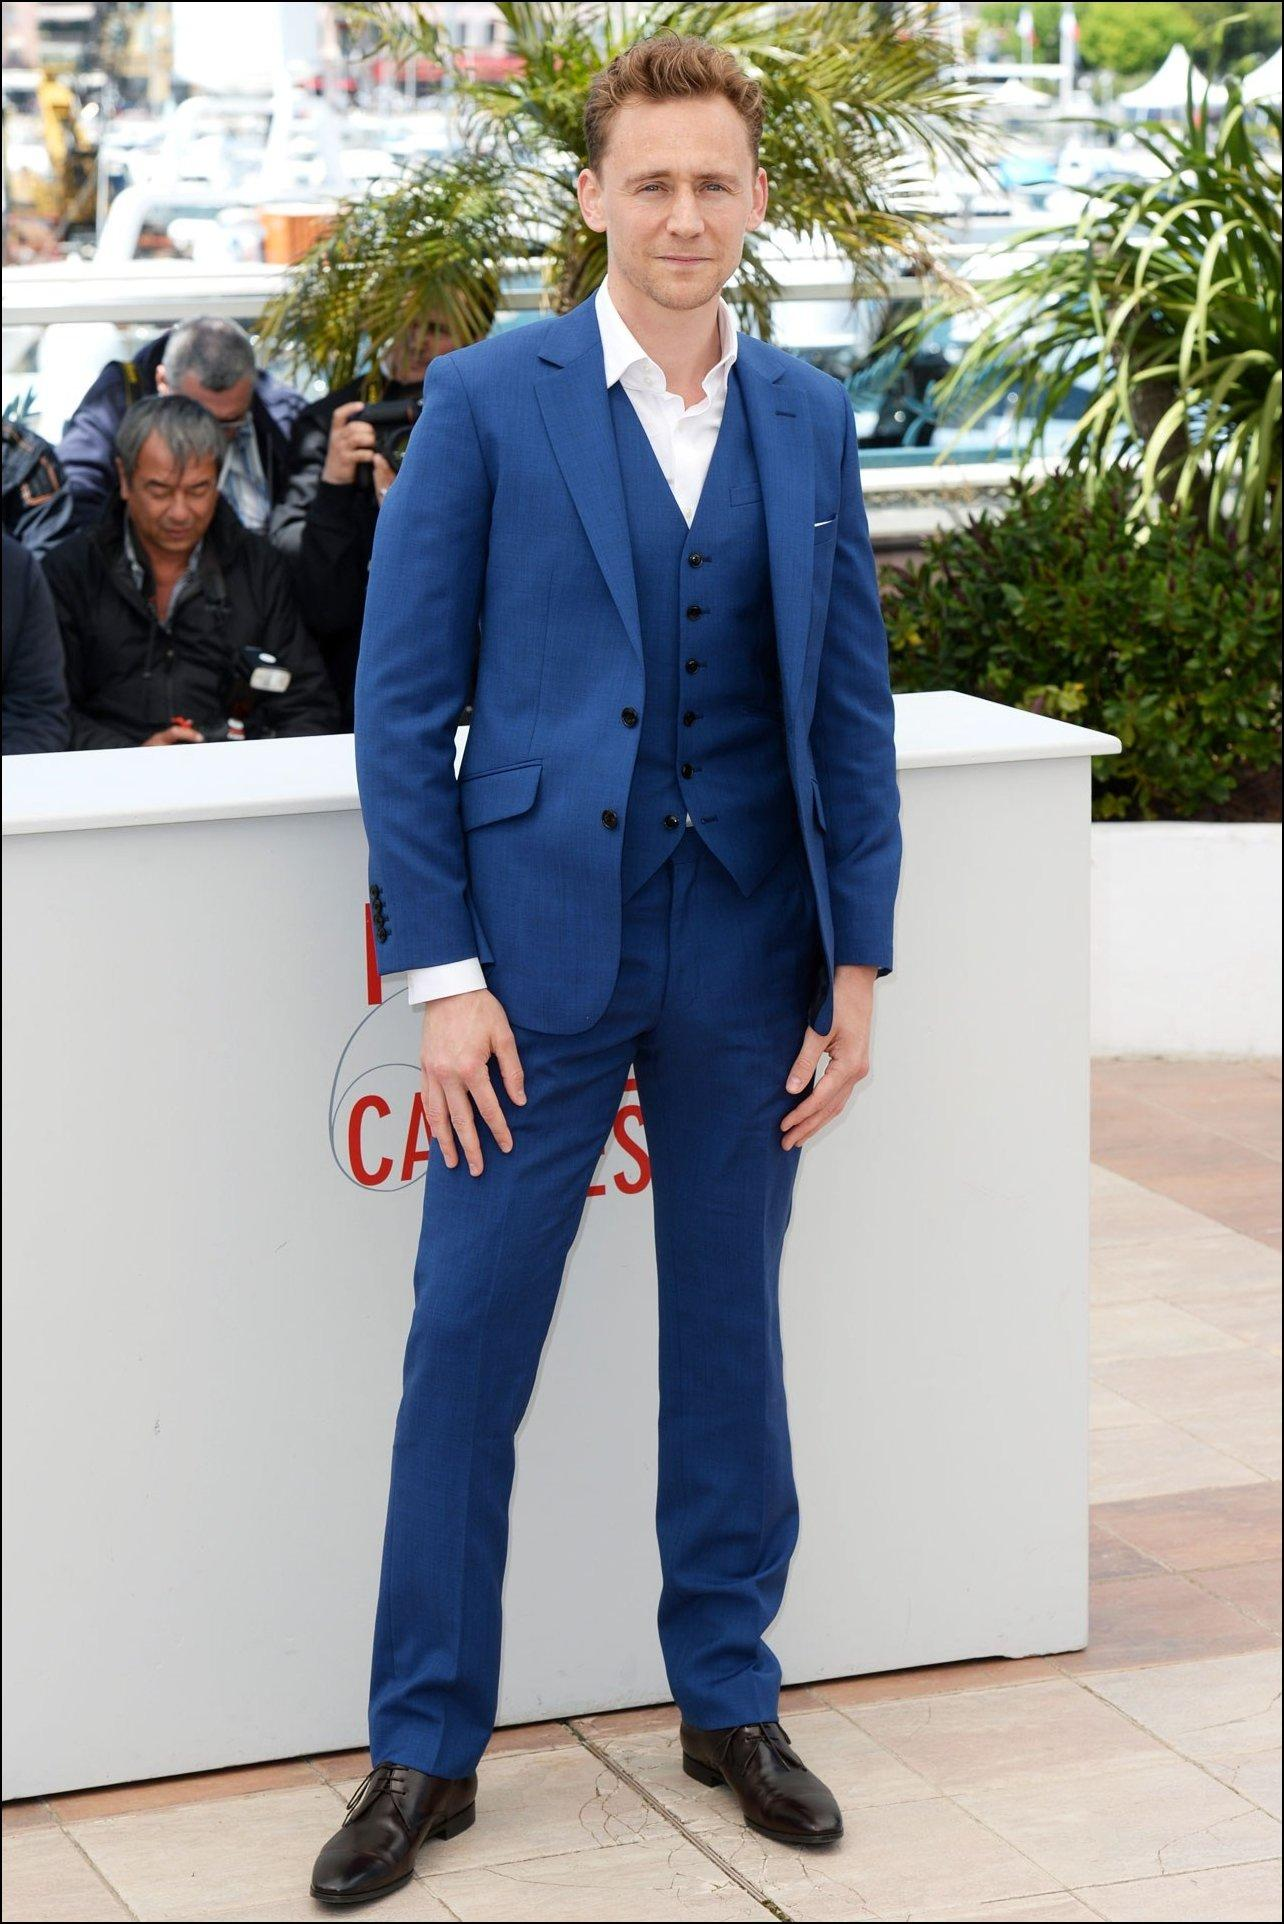 Blue Wedding Suits For Men Red Carpet Men Tuxedos Notched Lapel ...